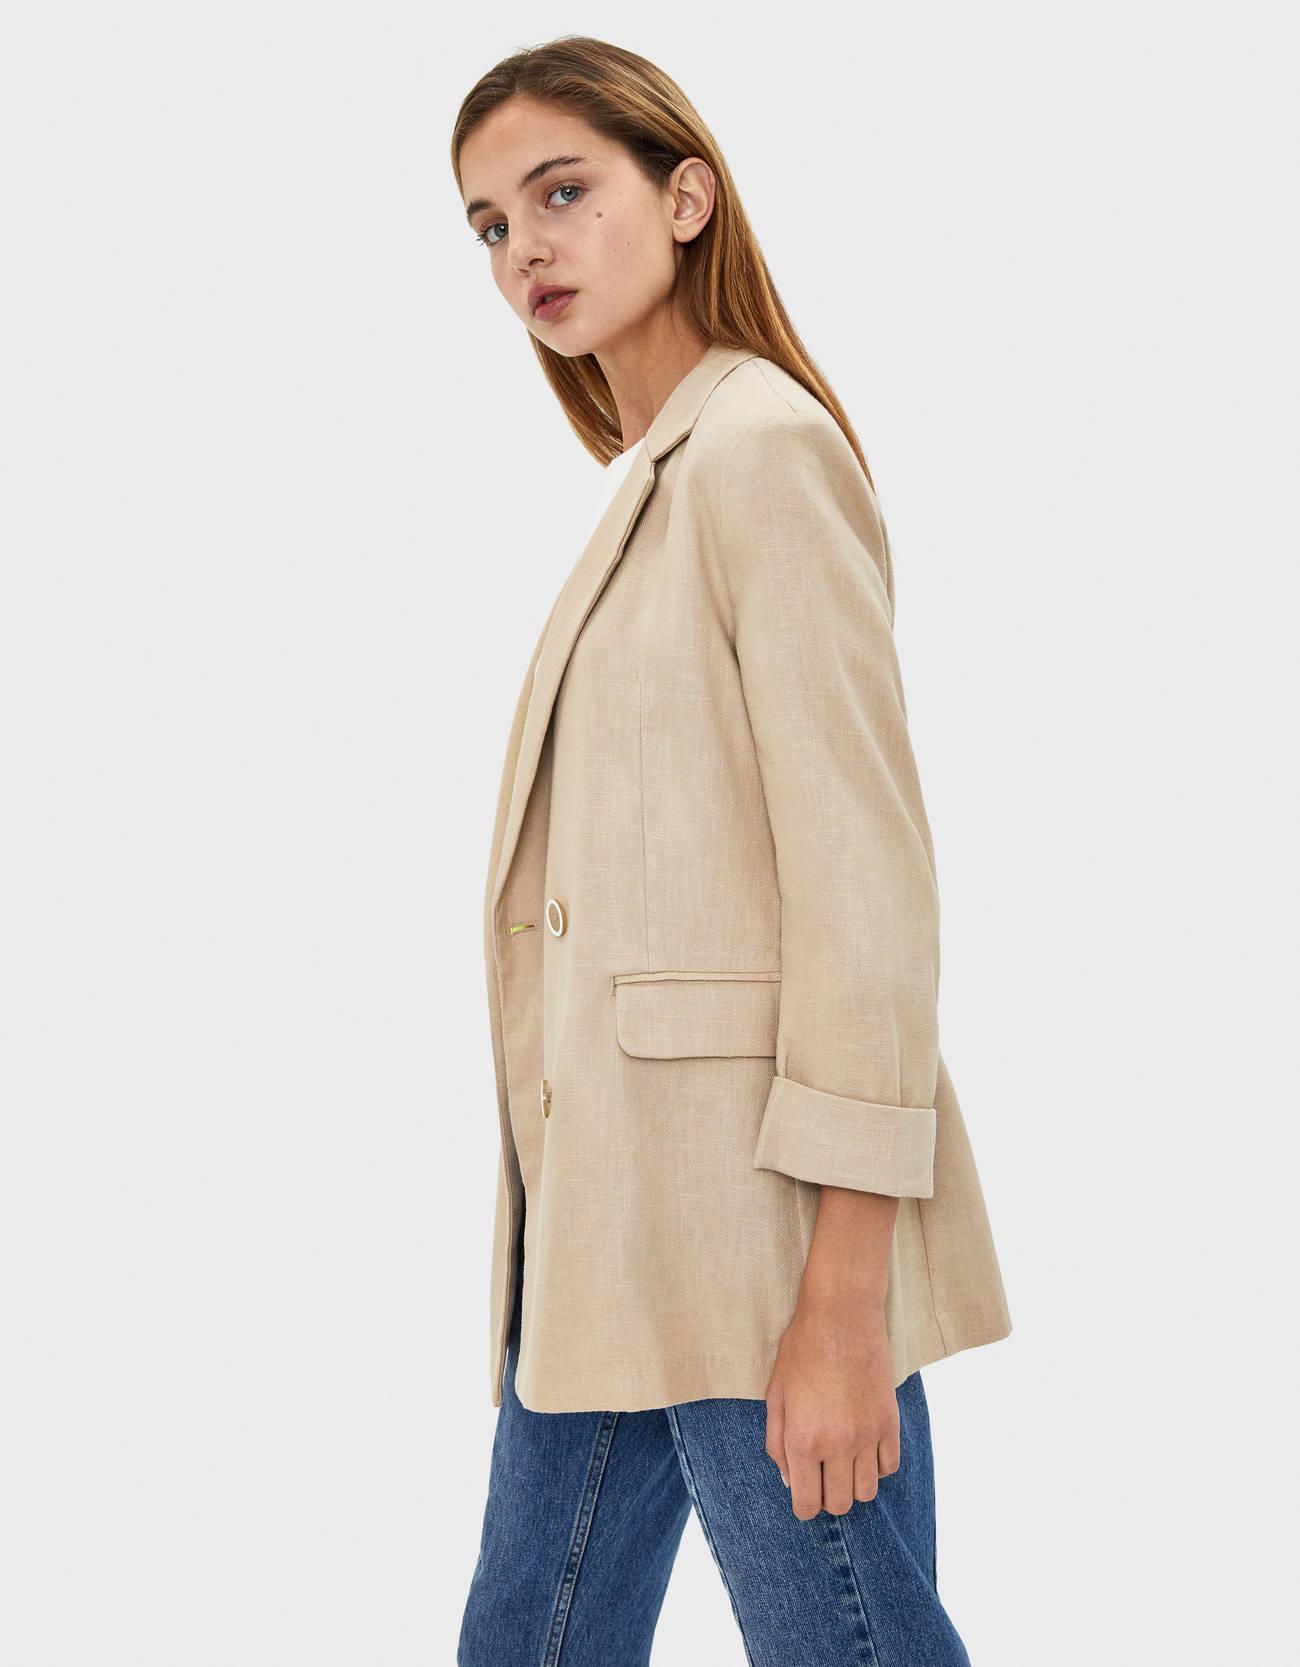 Пиджак изо льна с подворачиваемыми рукавами Бежевый Bershka